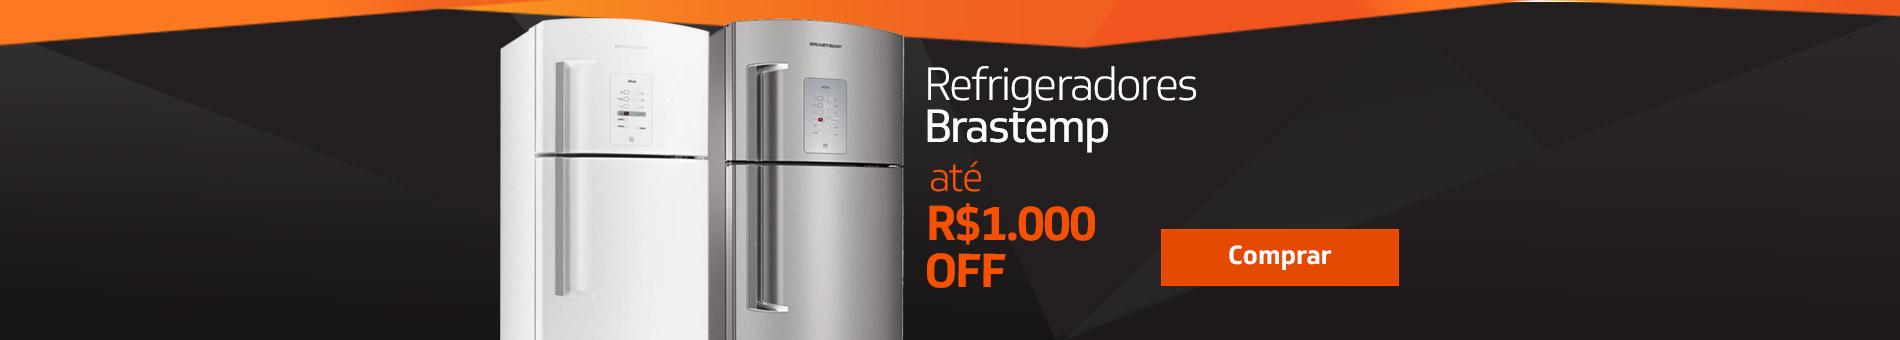 Promoção Interna - 581 - finaldesemana_refrigeradores_home3_22072016 - refrigeradores - 3